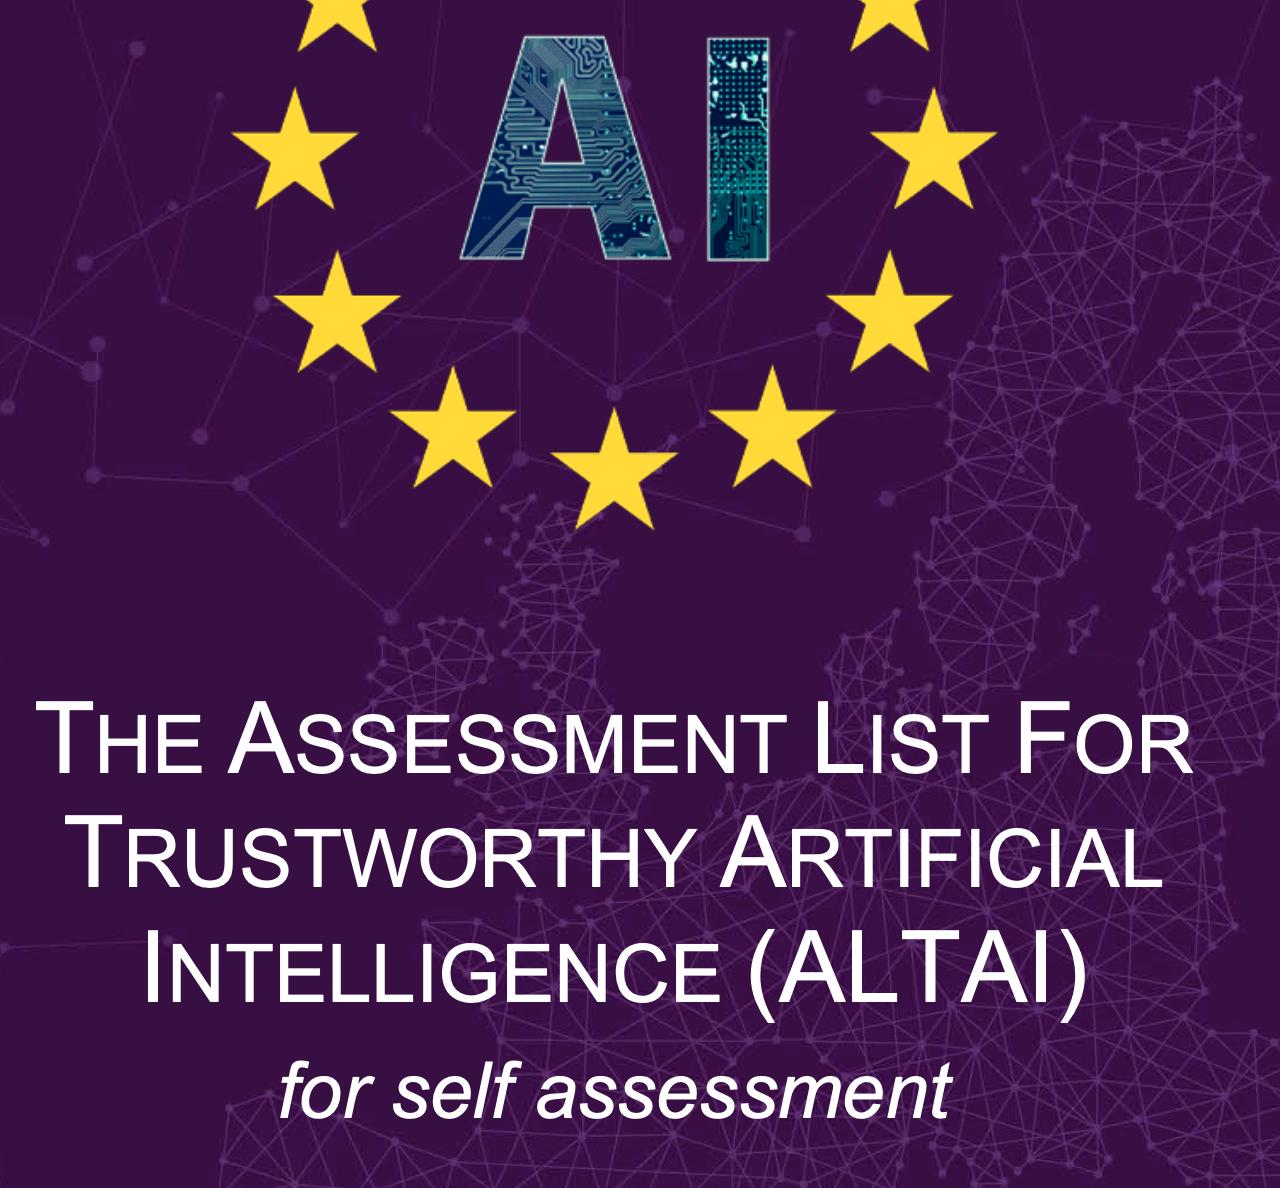 Komisja (UE): sztuczna inteligencja do samooceny, czyli List for Trustworthy AI